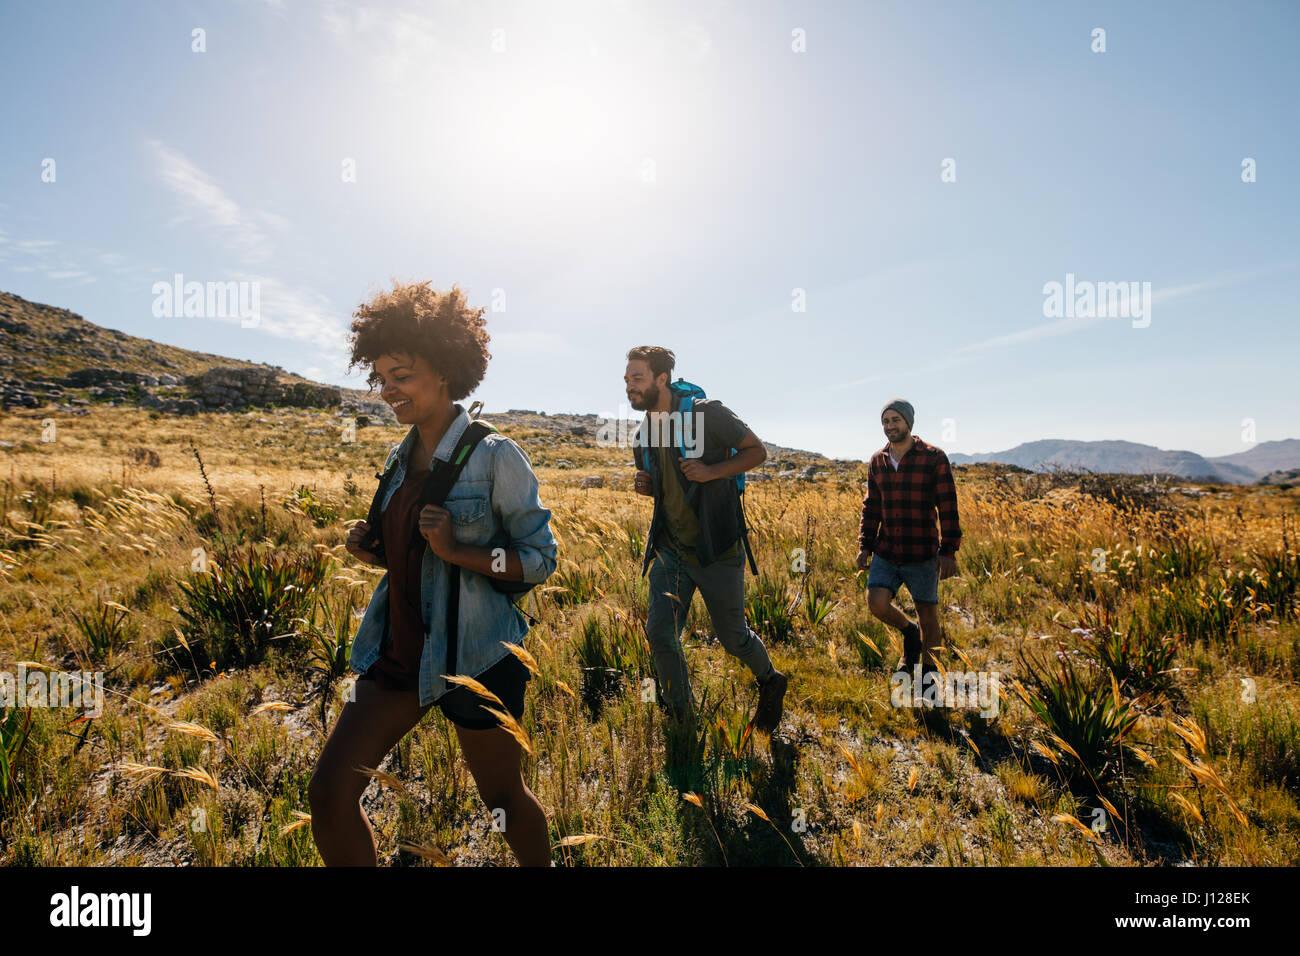 Grupo de gente de a pie a través de la campiña. Feliz de hombres y mujeres jóvenes senderismo juntos Imagen De Stock